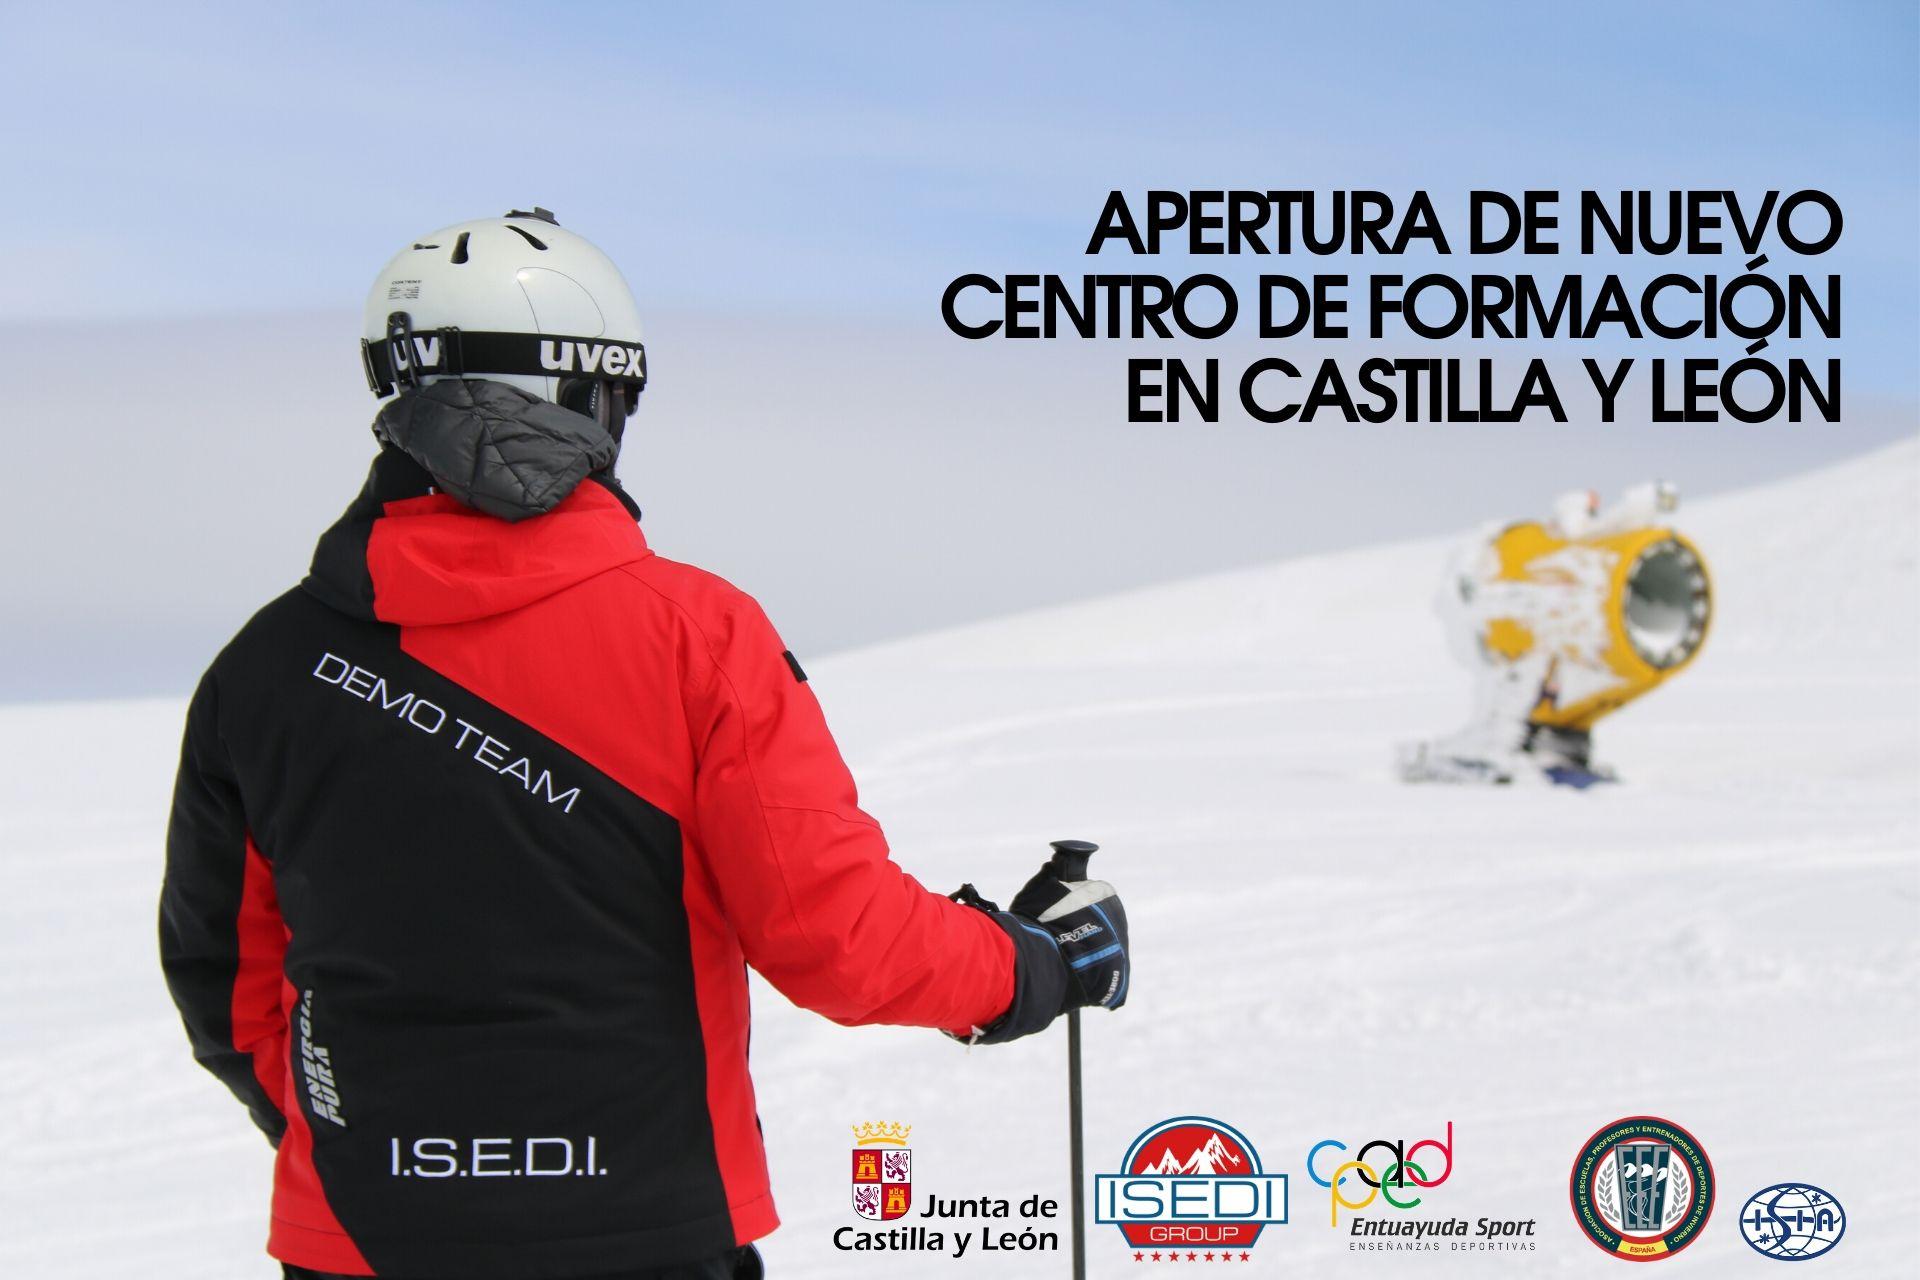 Nuevo Centro de Formación en Castilla y León